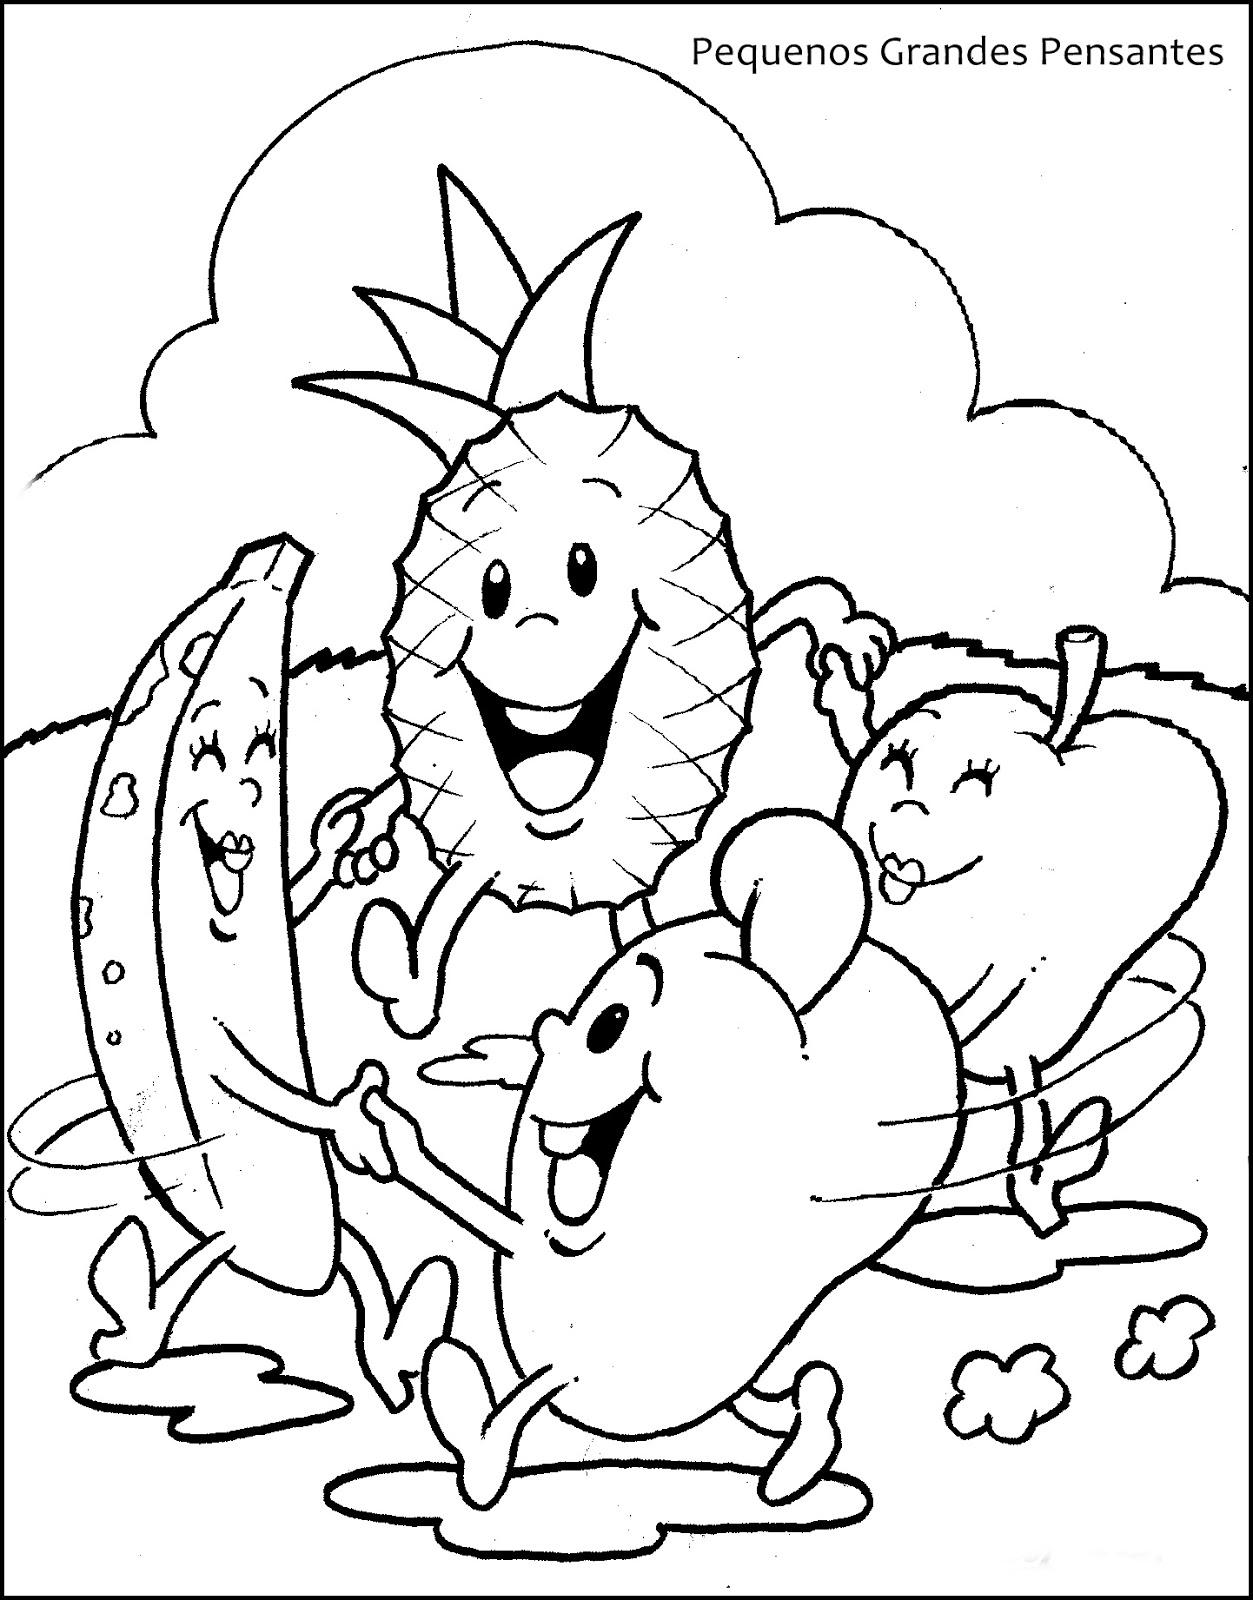 Pequenos Grandes Pensantes Desenhos De Frutas Para Imprimir E